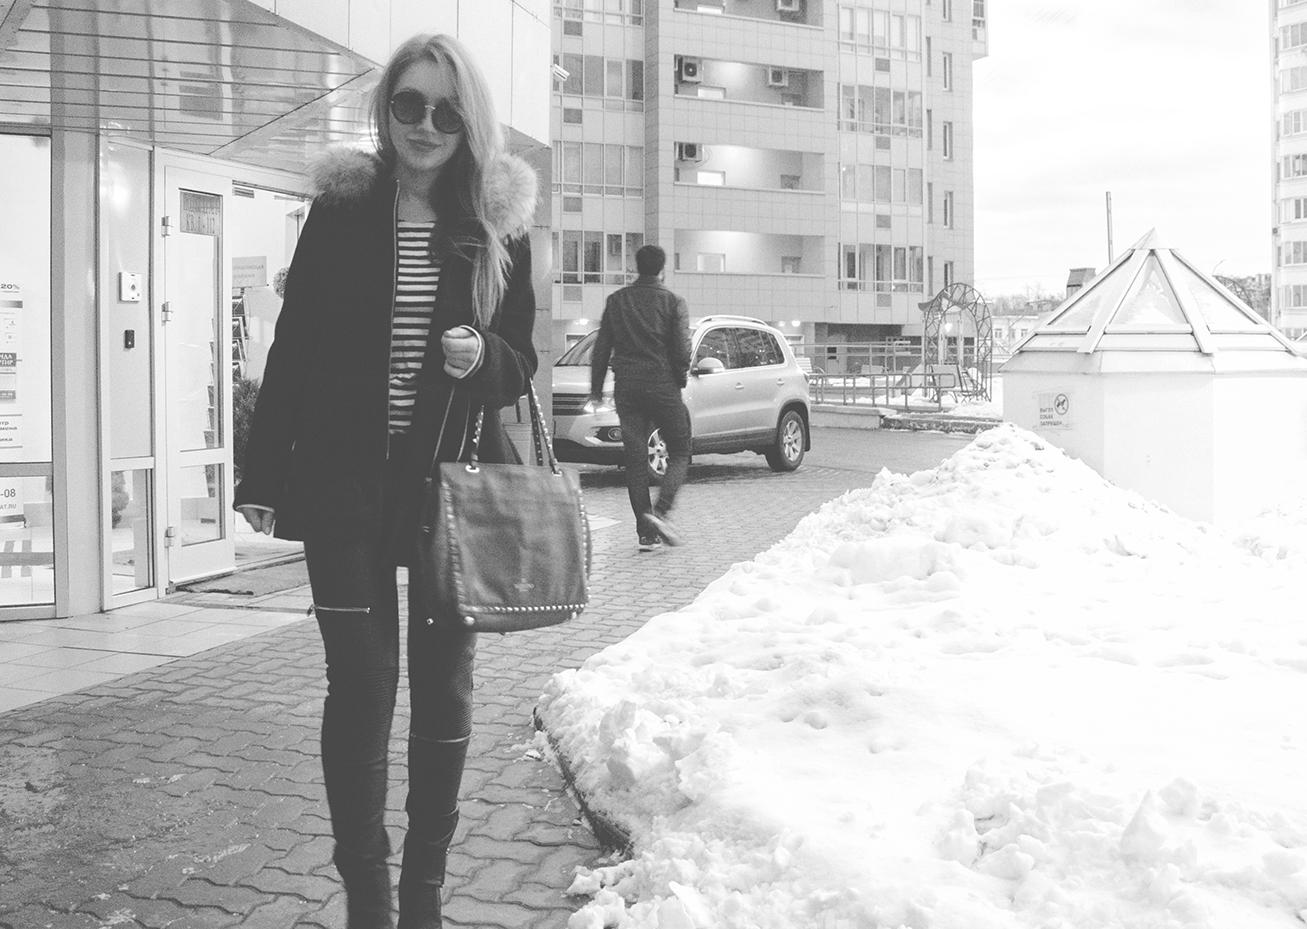 Кто тебя фотографирует?, fashion фото на штатив, как фотографироваться на штатив для блога, секрет можных фото, weirdo, самострелы со штатива в городе